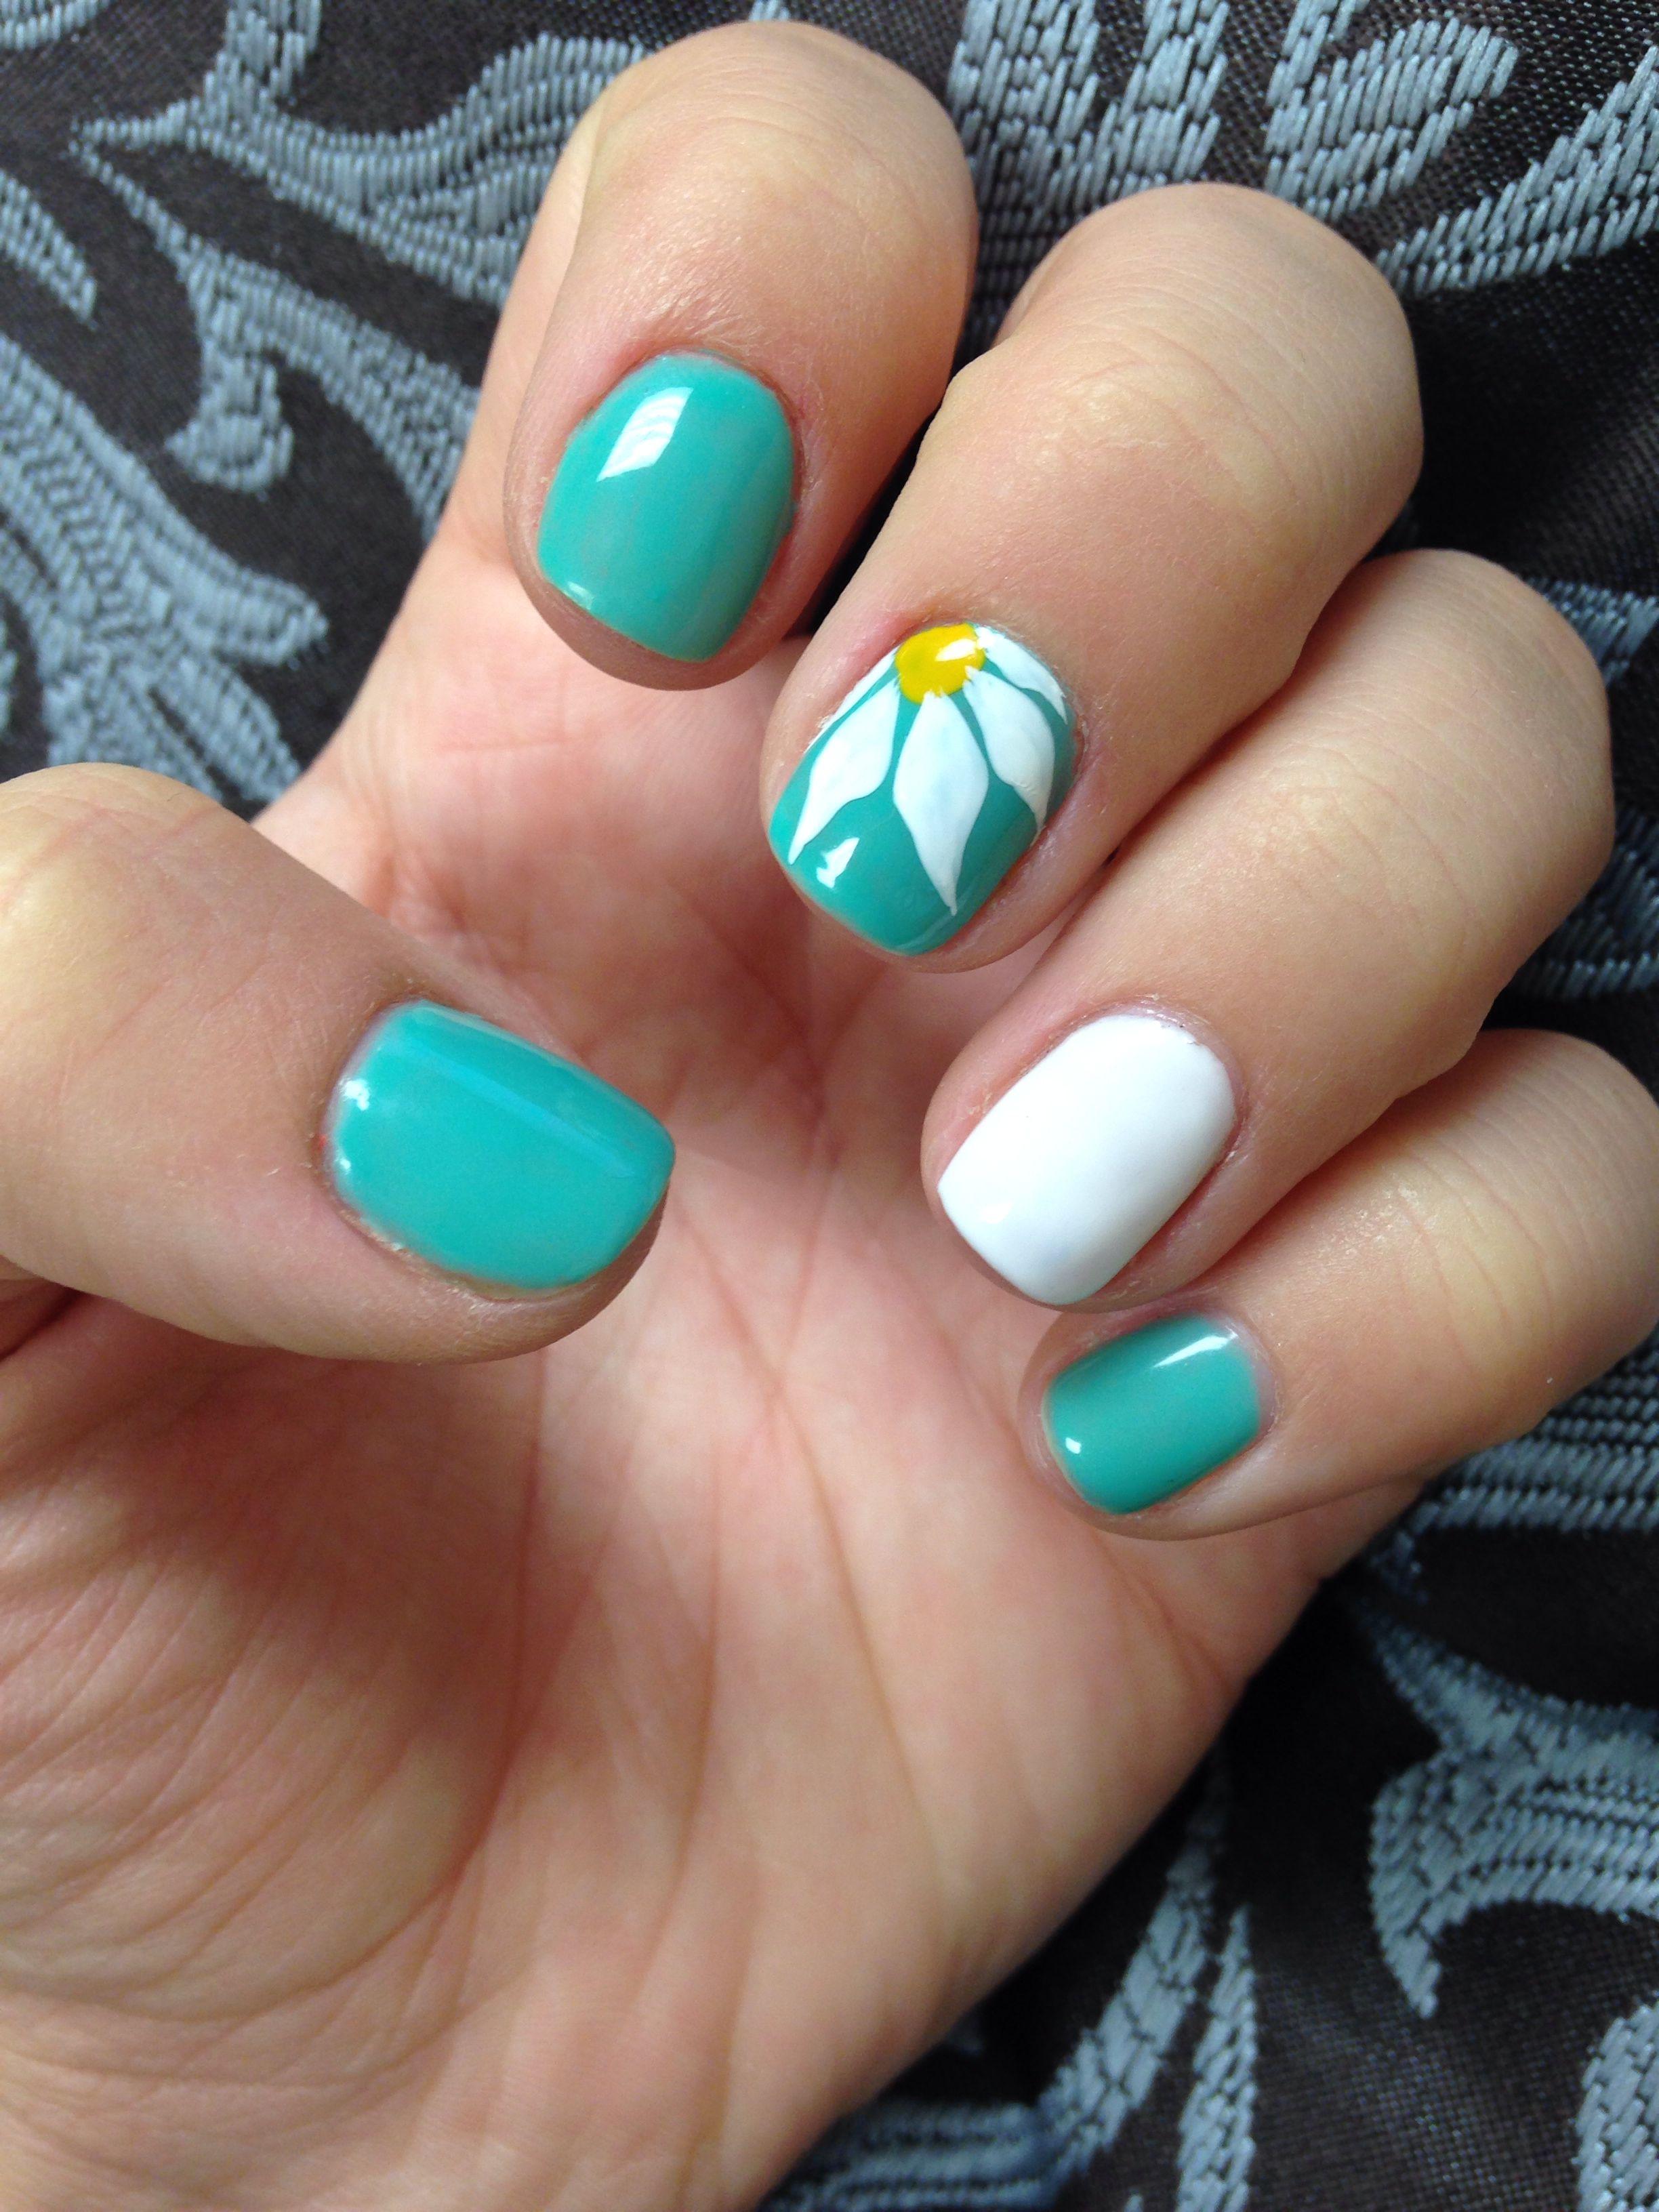 Spring nails | Nails | Pinterest | Spring nails, Spring and Makeup